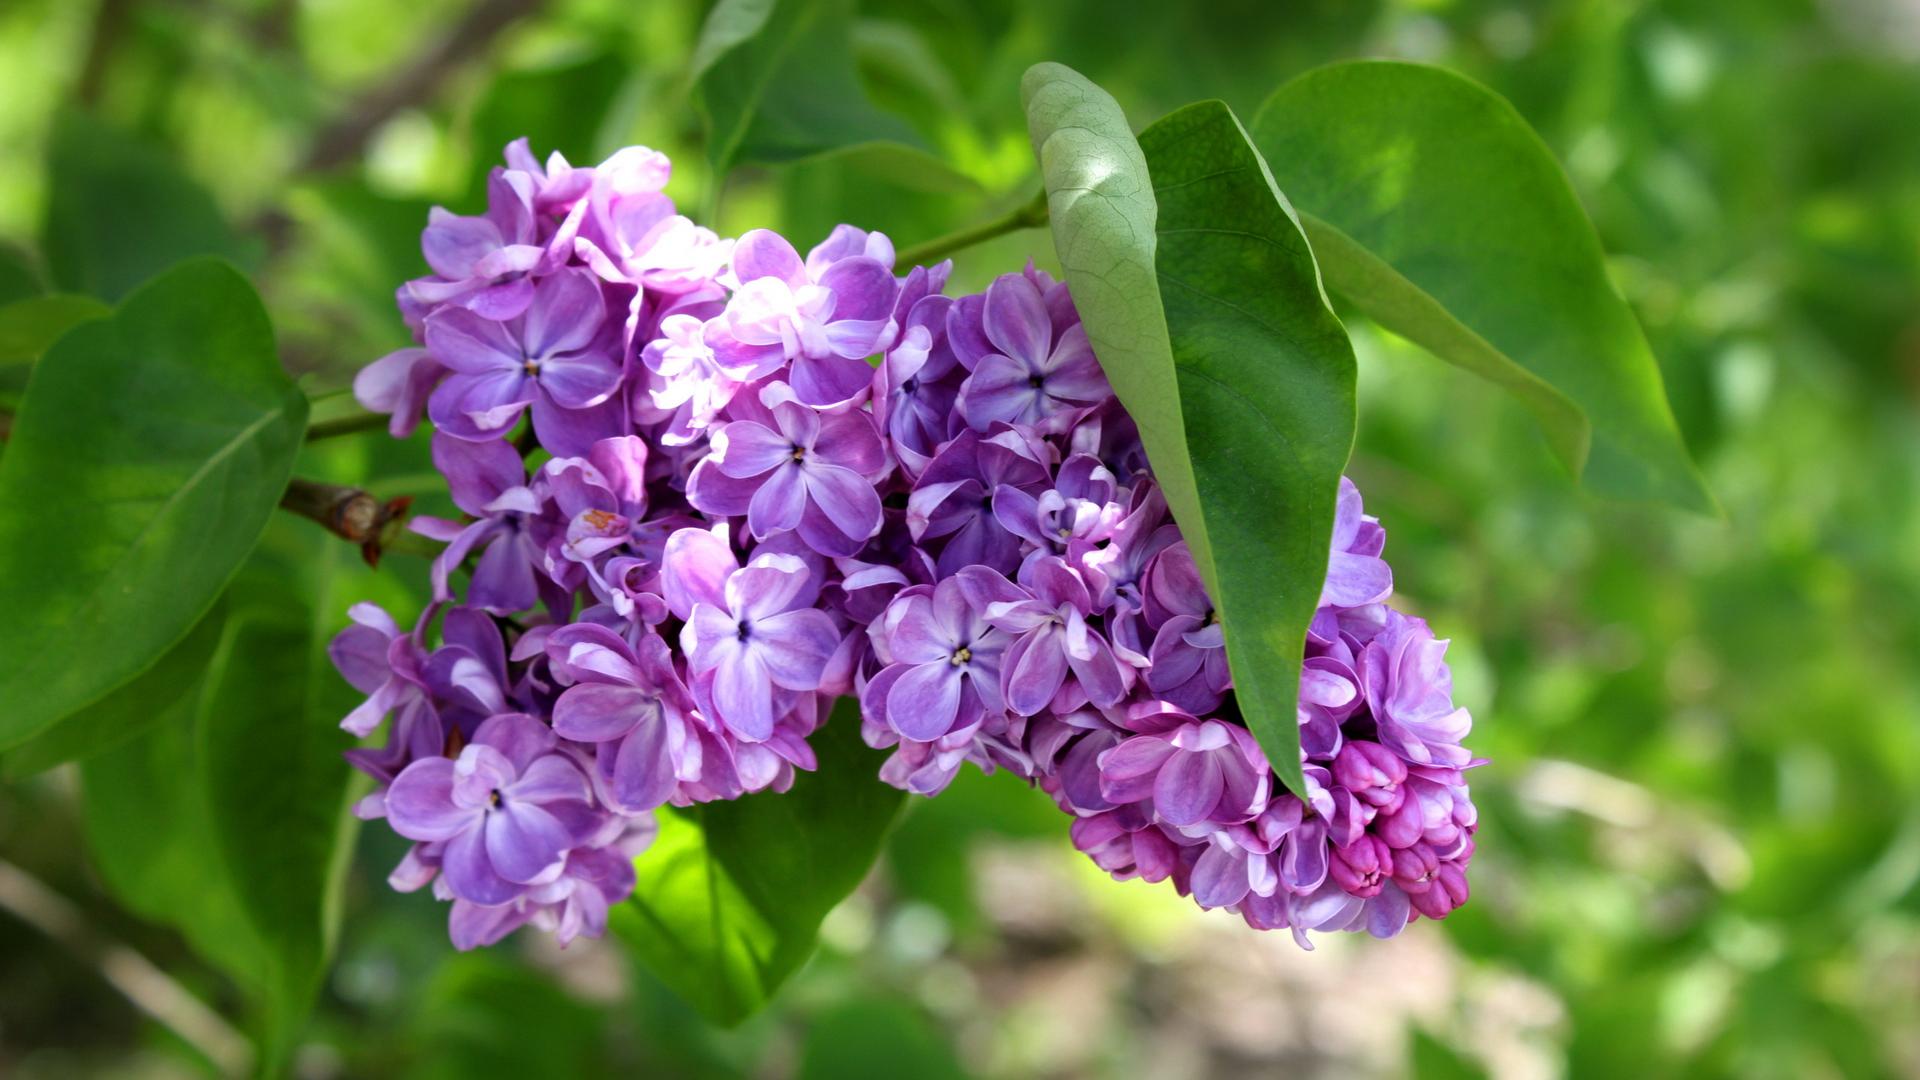 Sfondi primavera per desktop fiori sfondi hd gratis for Sfondi qhd